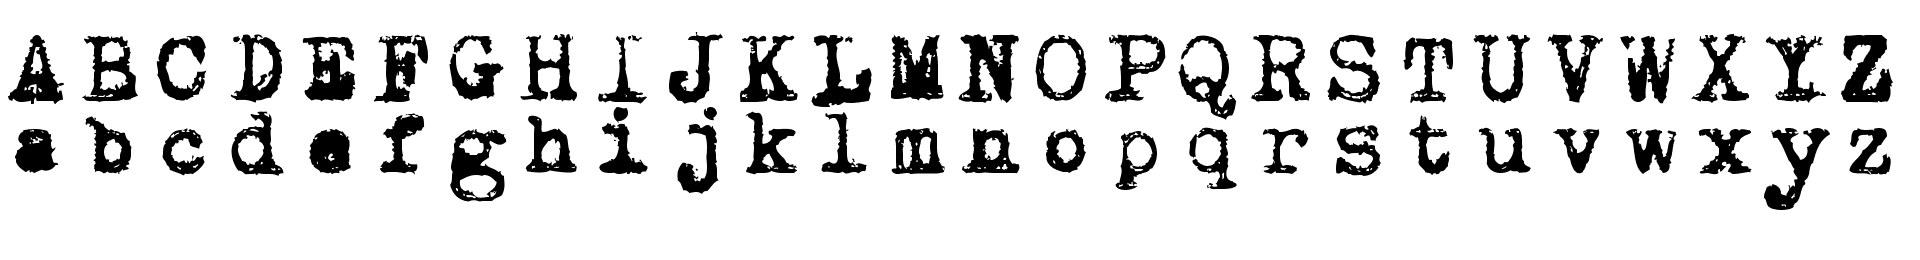 Draconian Typewriter